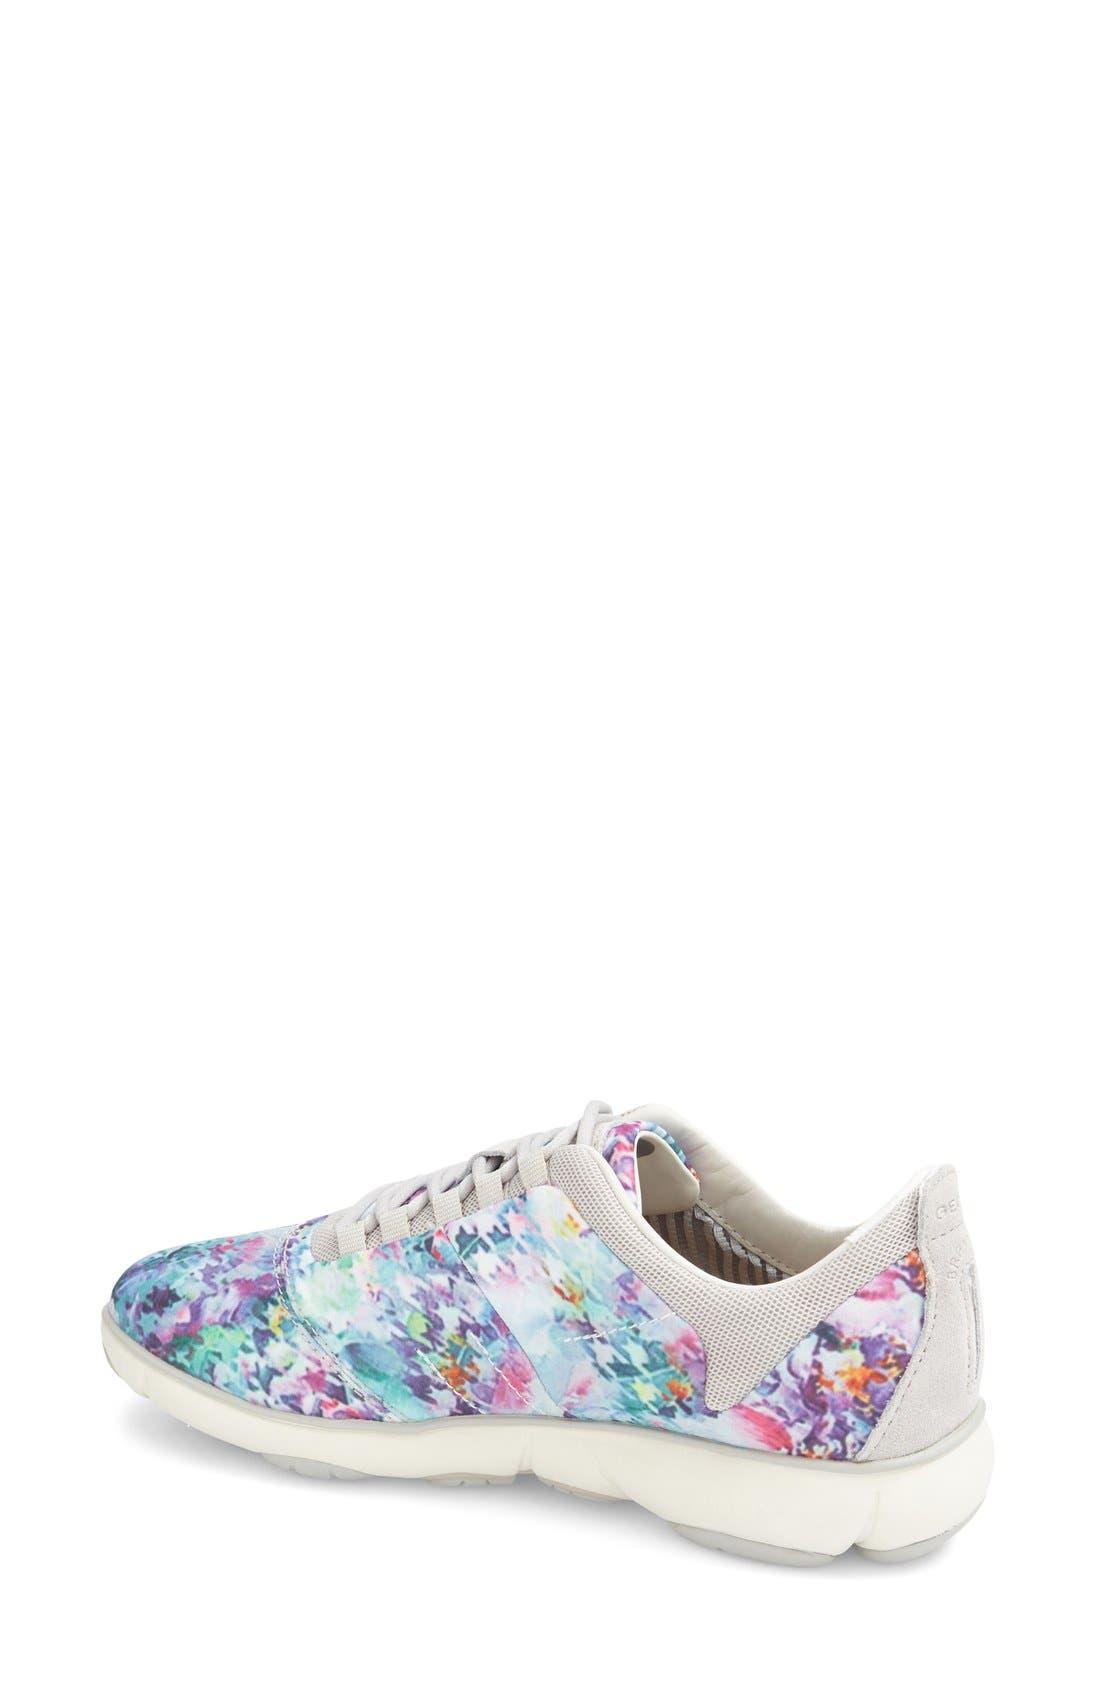 Nebula Slip-On Sneaker,                             Alternate thumbnail 27, color,